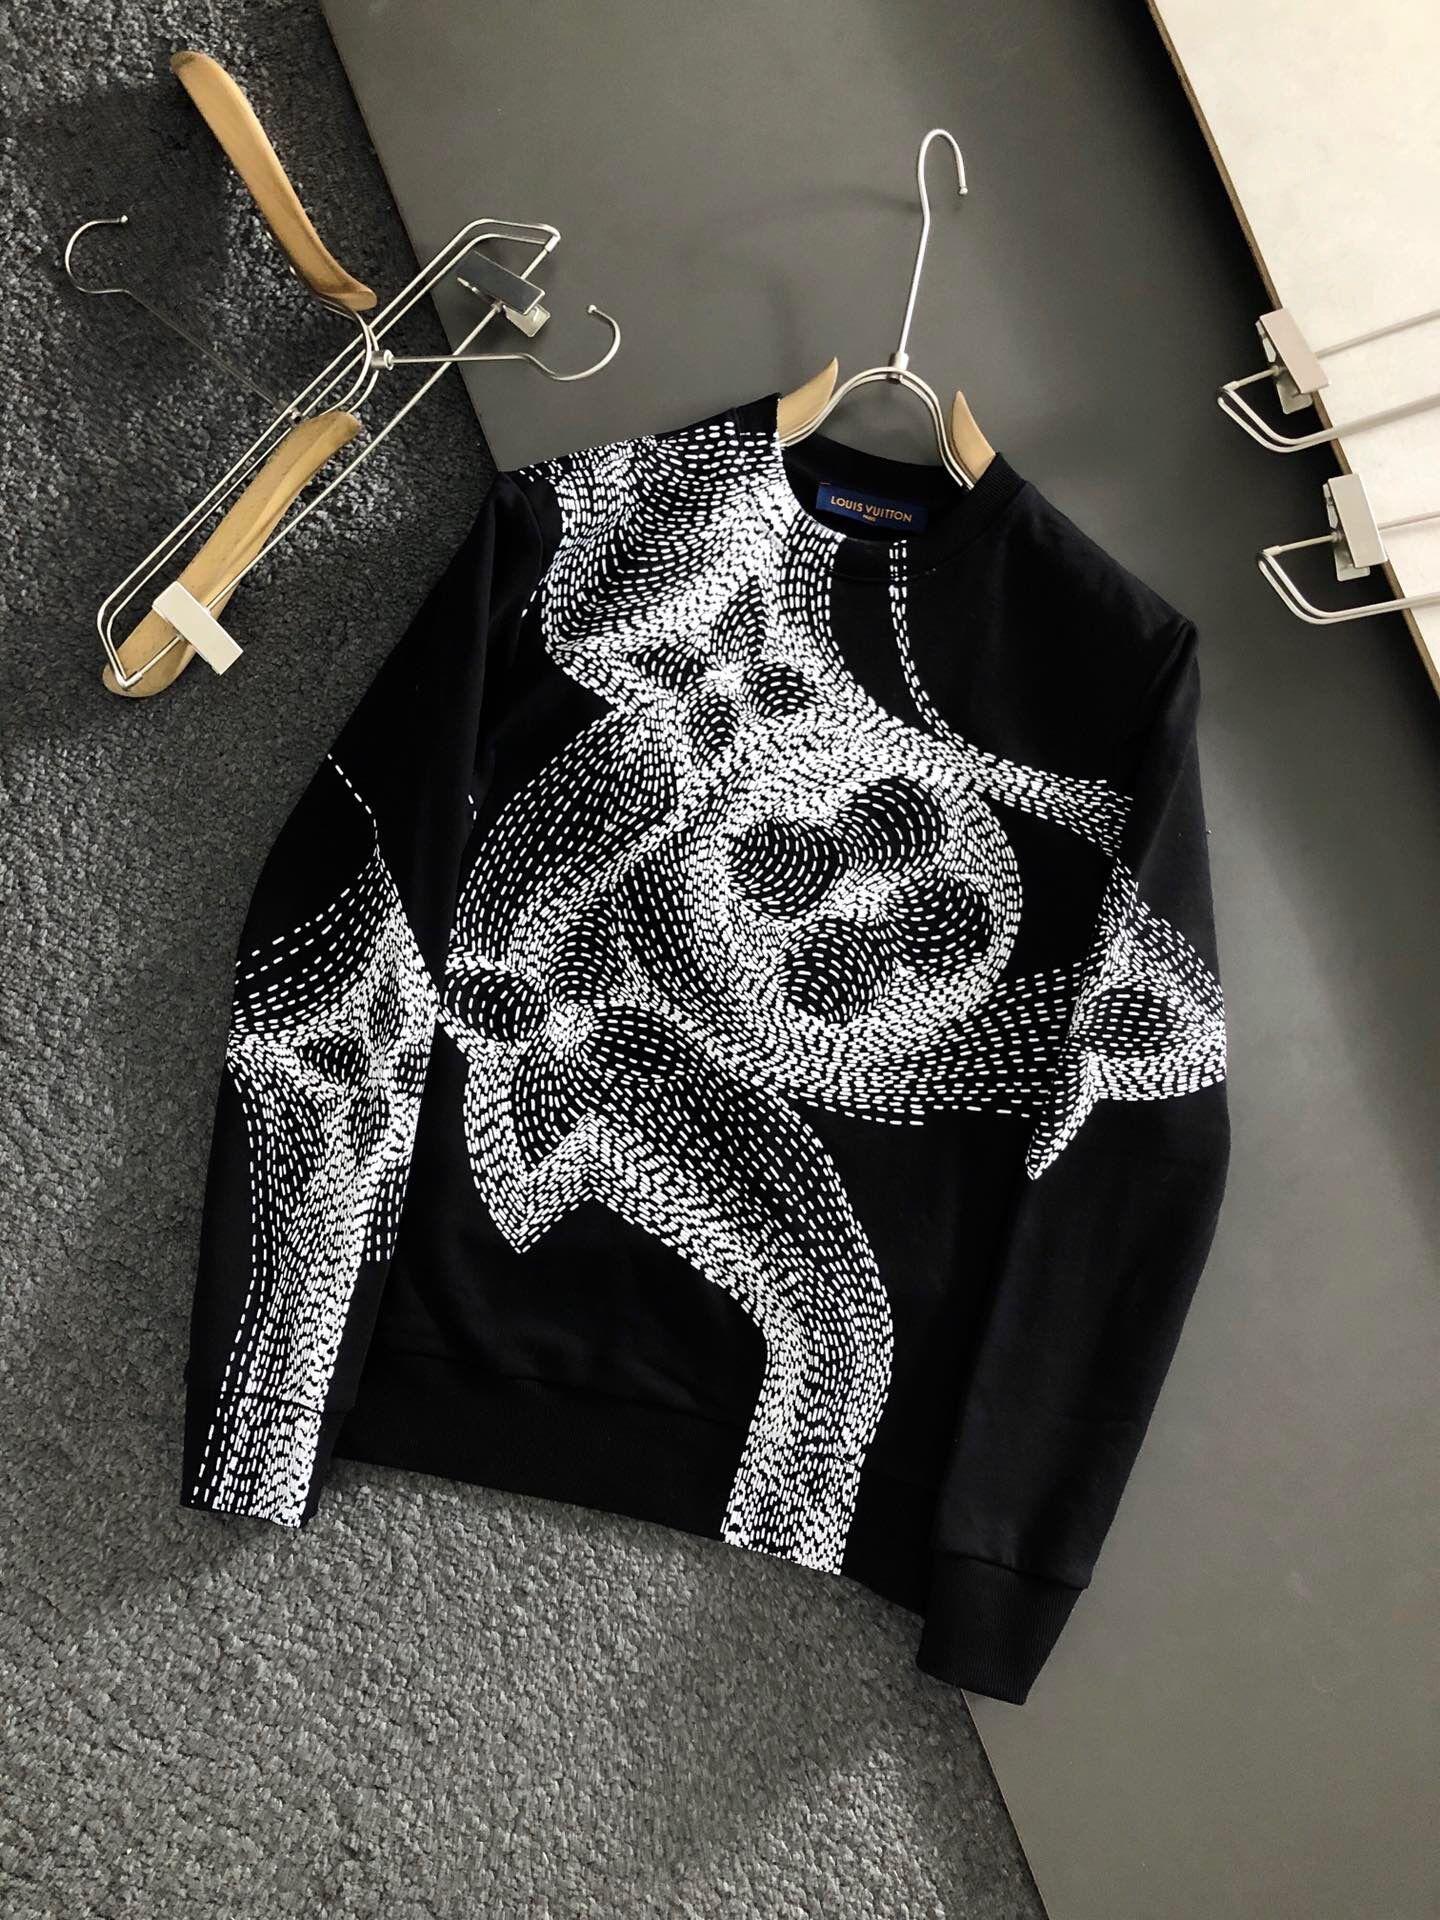 2020 kühle Männer Hoodie runden Kragen-Sweatshirt mit langen Ärmeln Herbst Winter Mode für Männer Kleidung Luxus-Designer-Männer Hoodie